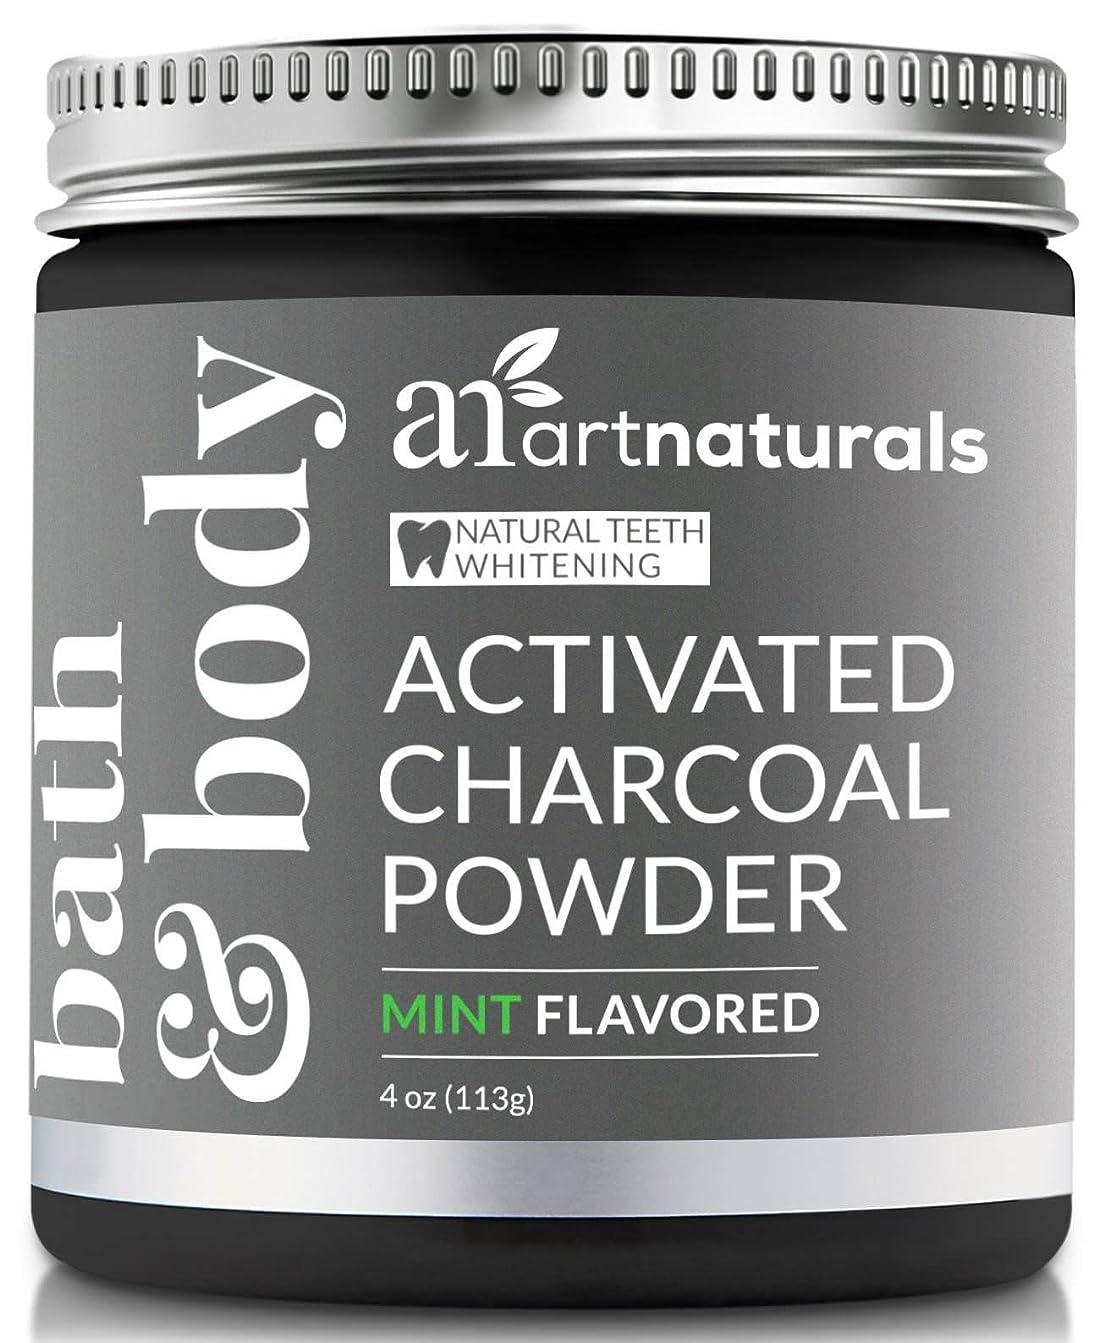 農学にはまってレシピArtNaturals Teeth Whitening Charcoal Powder - (4 Oz / 113g) - Activated Charcoal for a Natural, Non-Abrassive Whitening - Mint Flavored